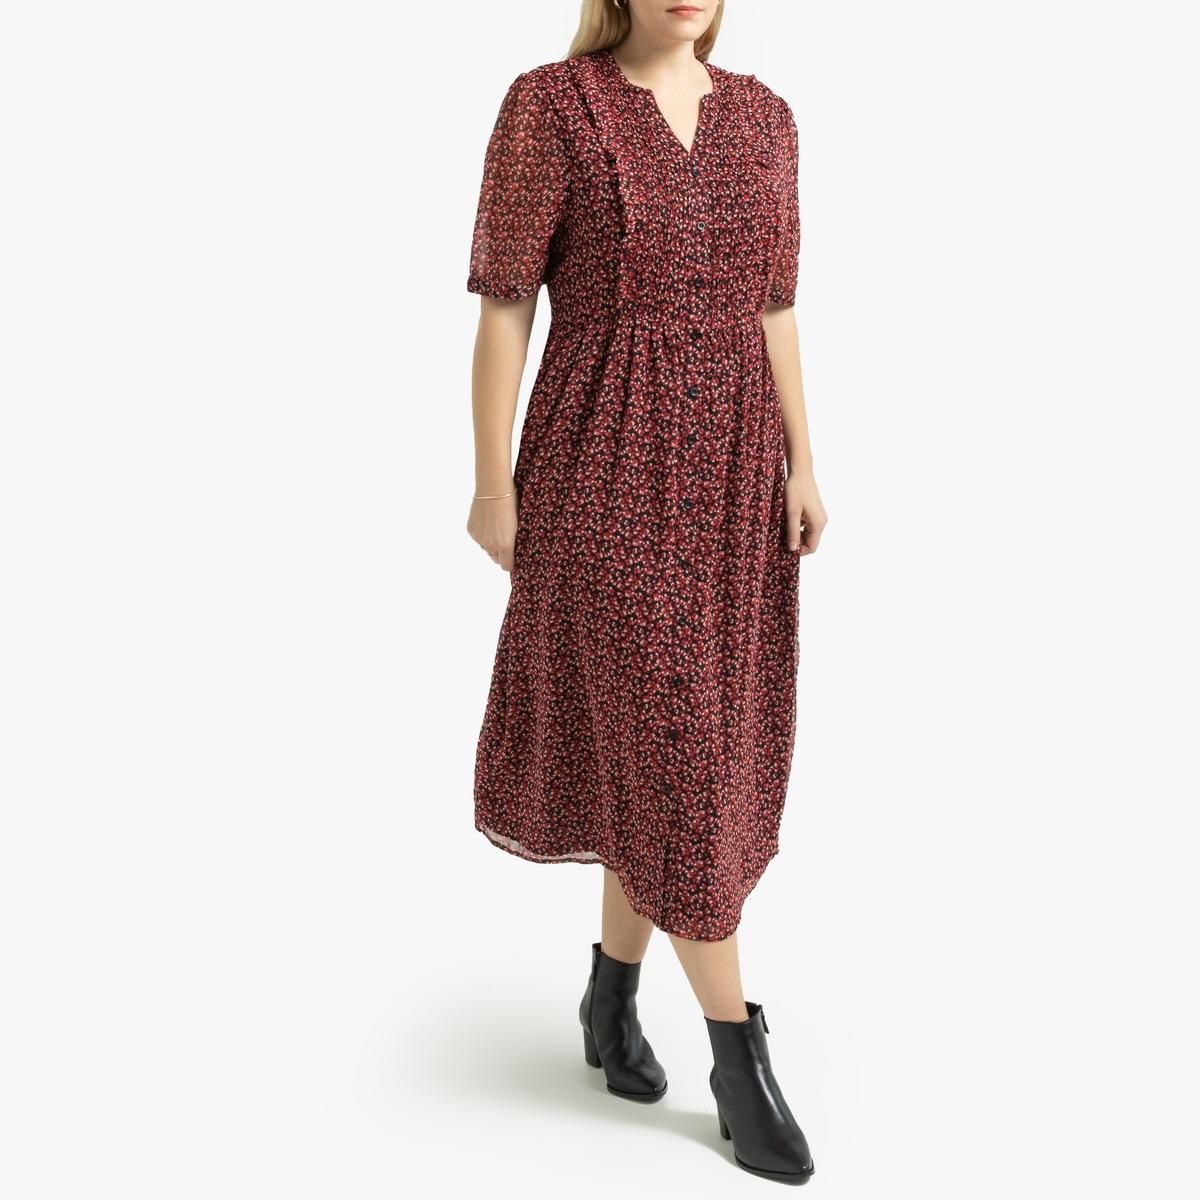 Vestido comprido estampado com botões, mangas curtas